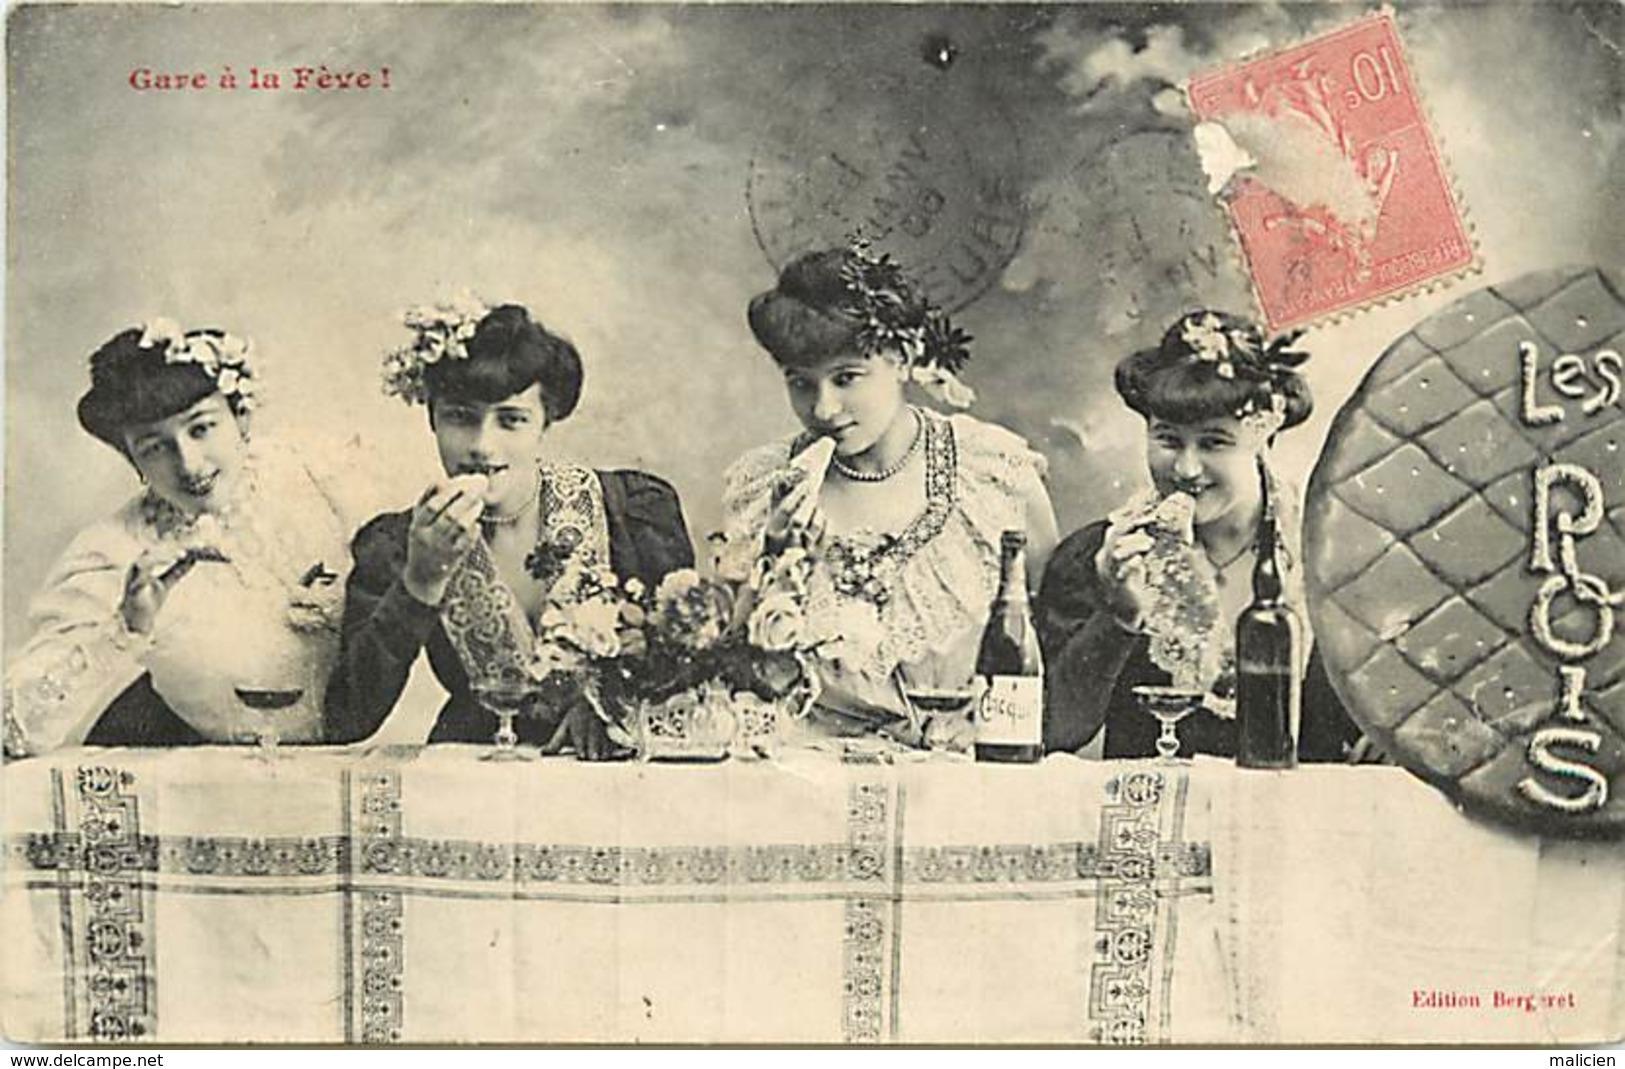 -ref-B172- Illustrateur Bergeret - Les Rois -  Epiphanie - Galette Des Rois - Feve - Feves - Femmes - Champagne Cliquot - Bergeret